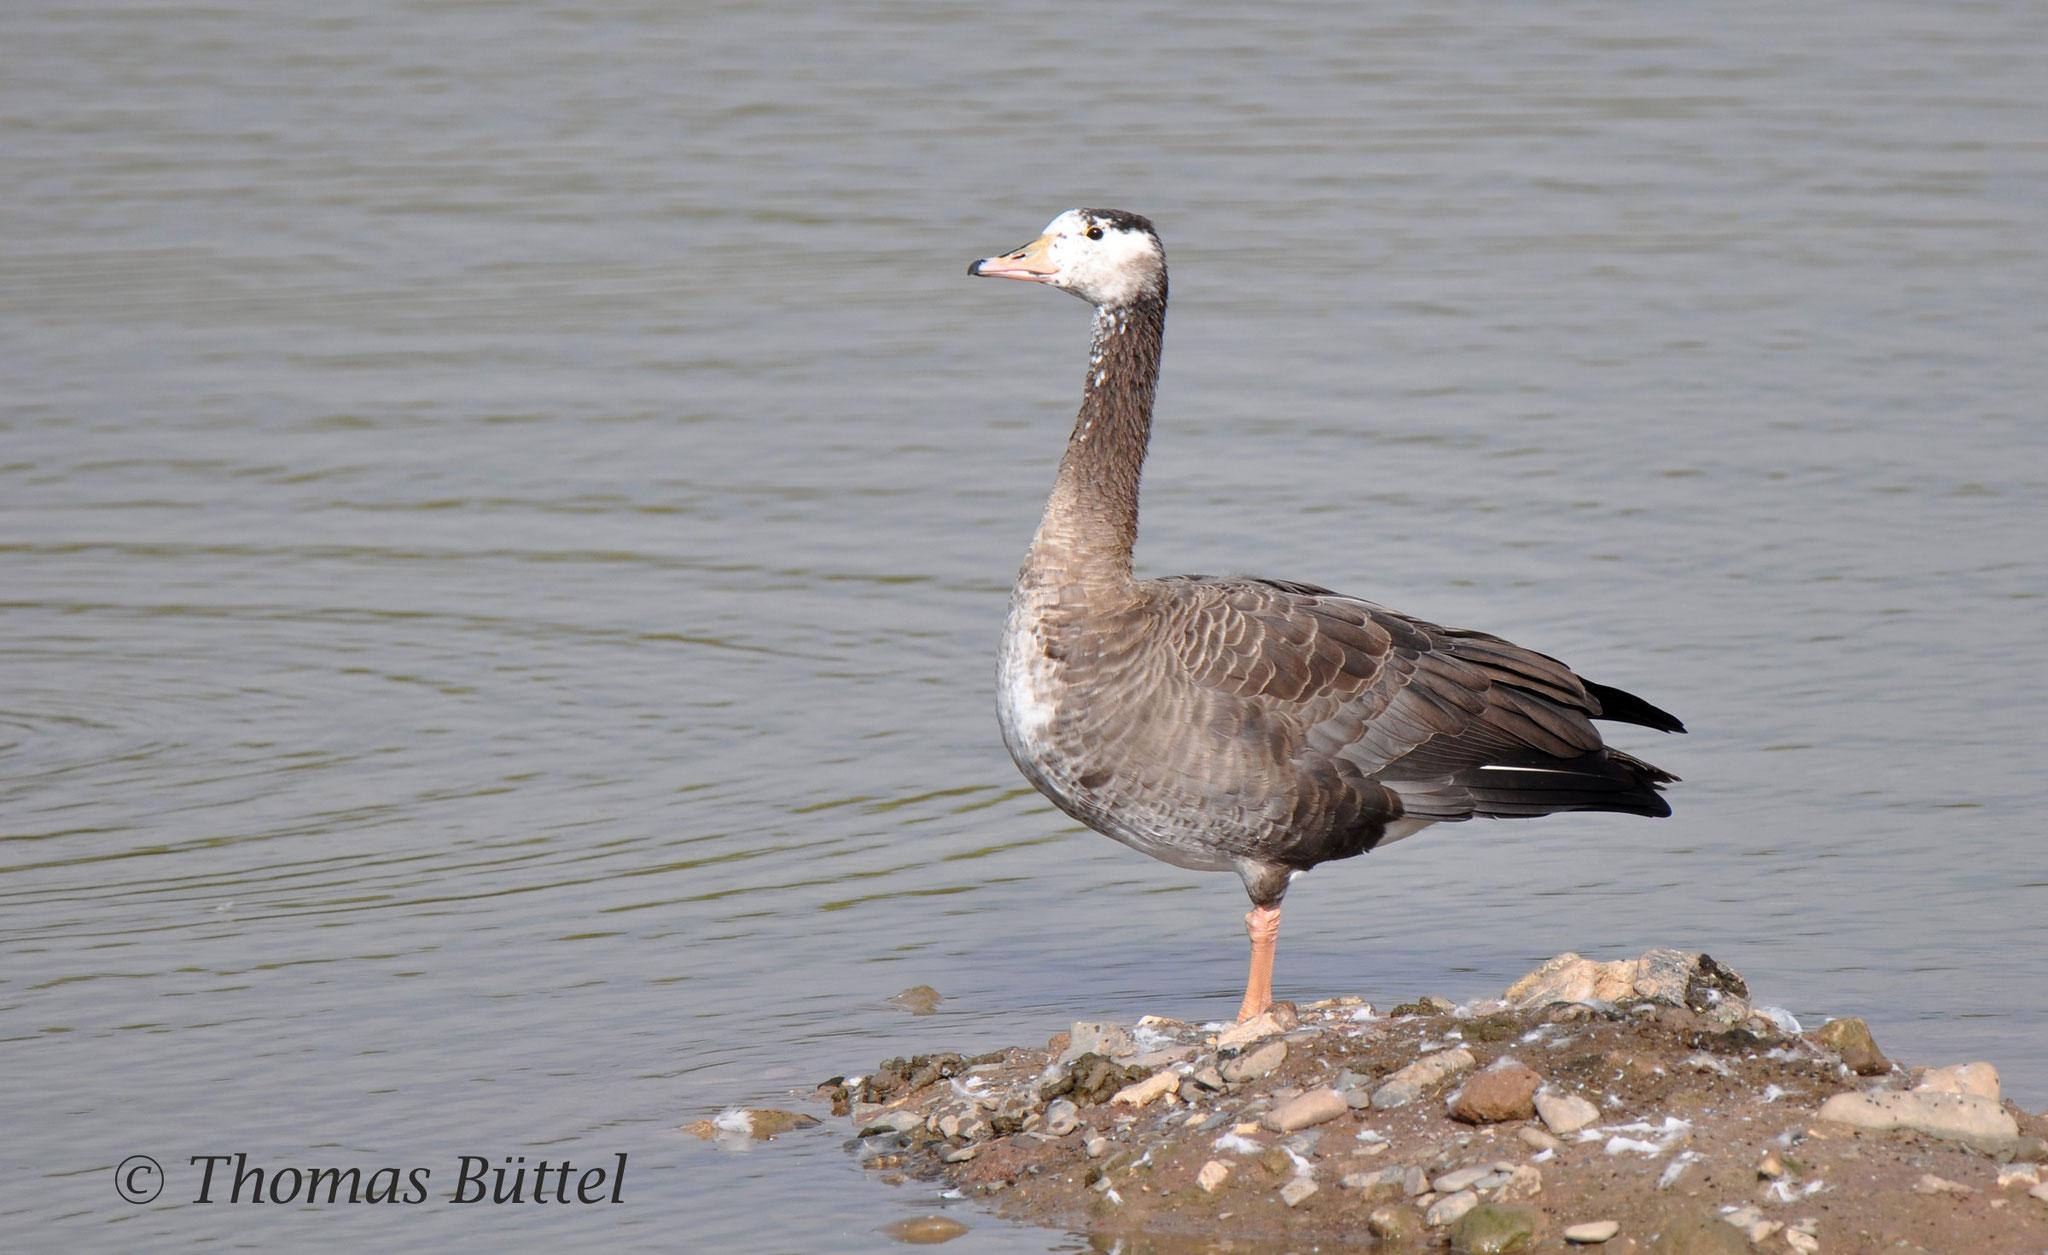 Greylag-x-Canada Goose hybrid